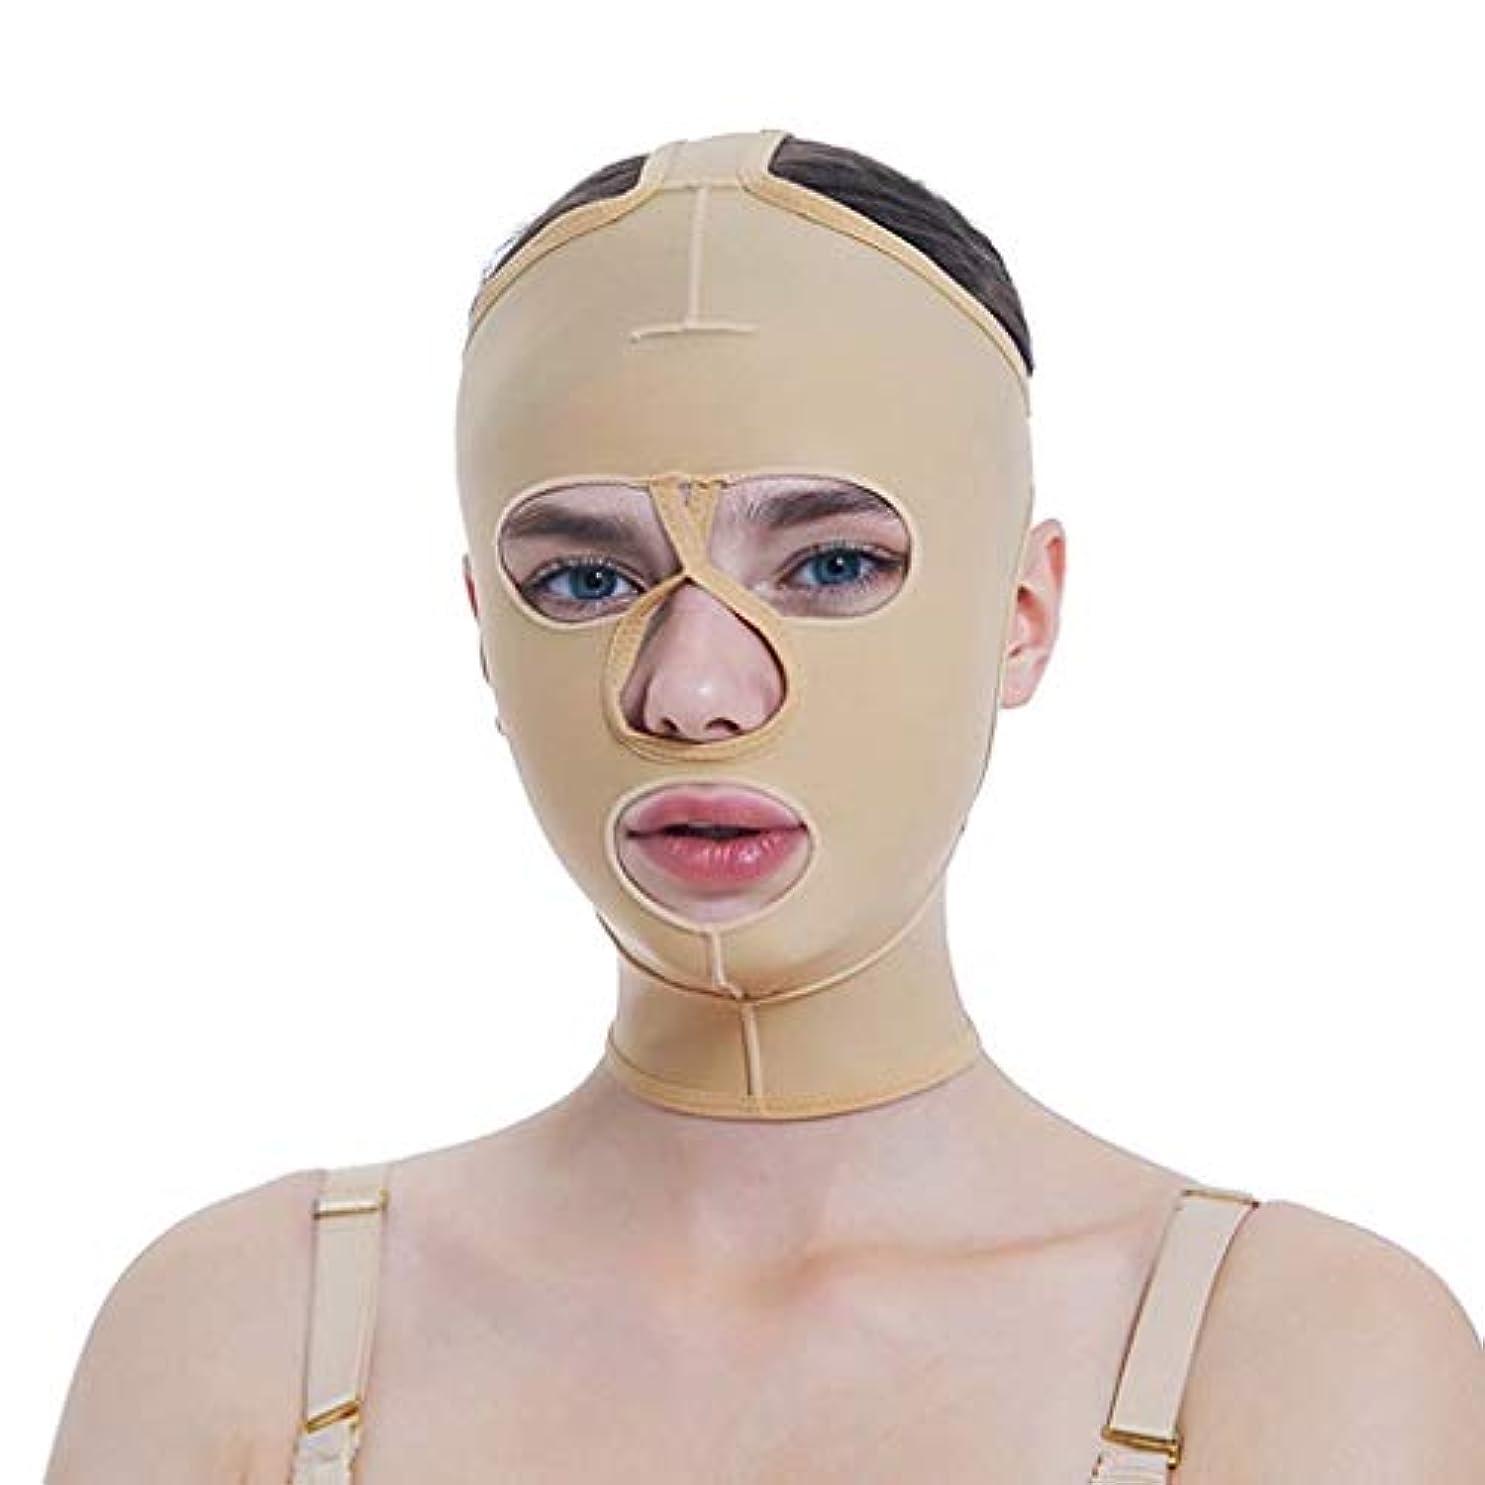 差賞賛ワイン脂肪吸引術用成形マスク、薄手かつらVフェイスビームフェイス弾性スリーブマルチサイズオプション(サイズ:S)